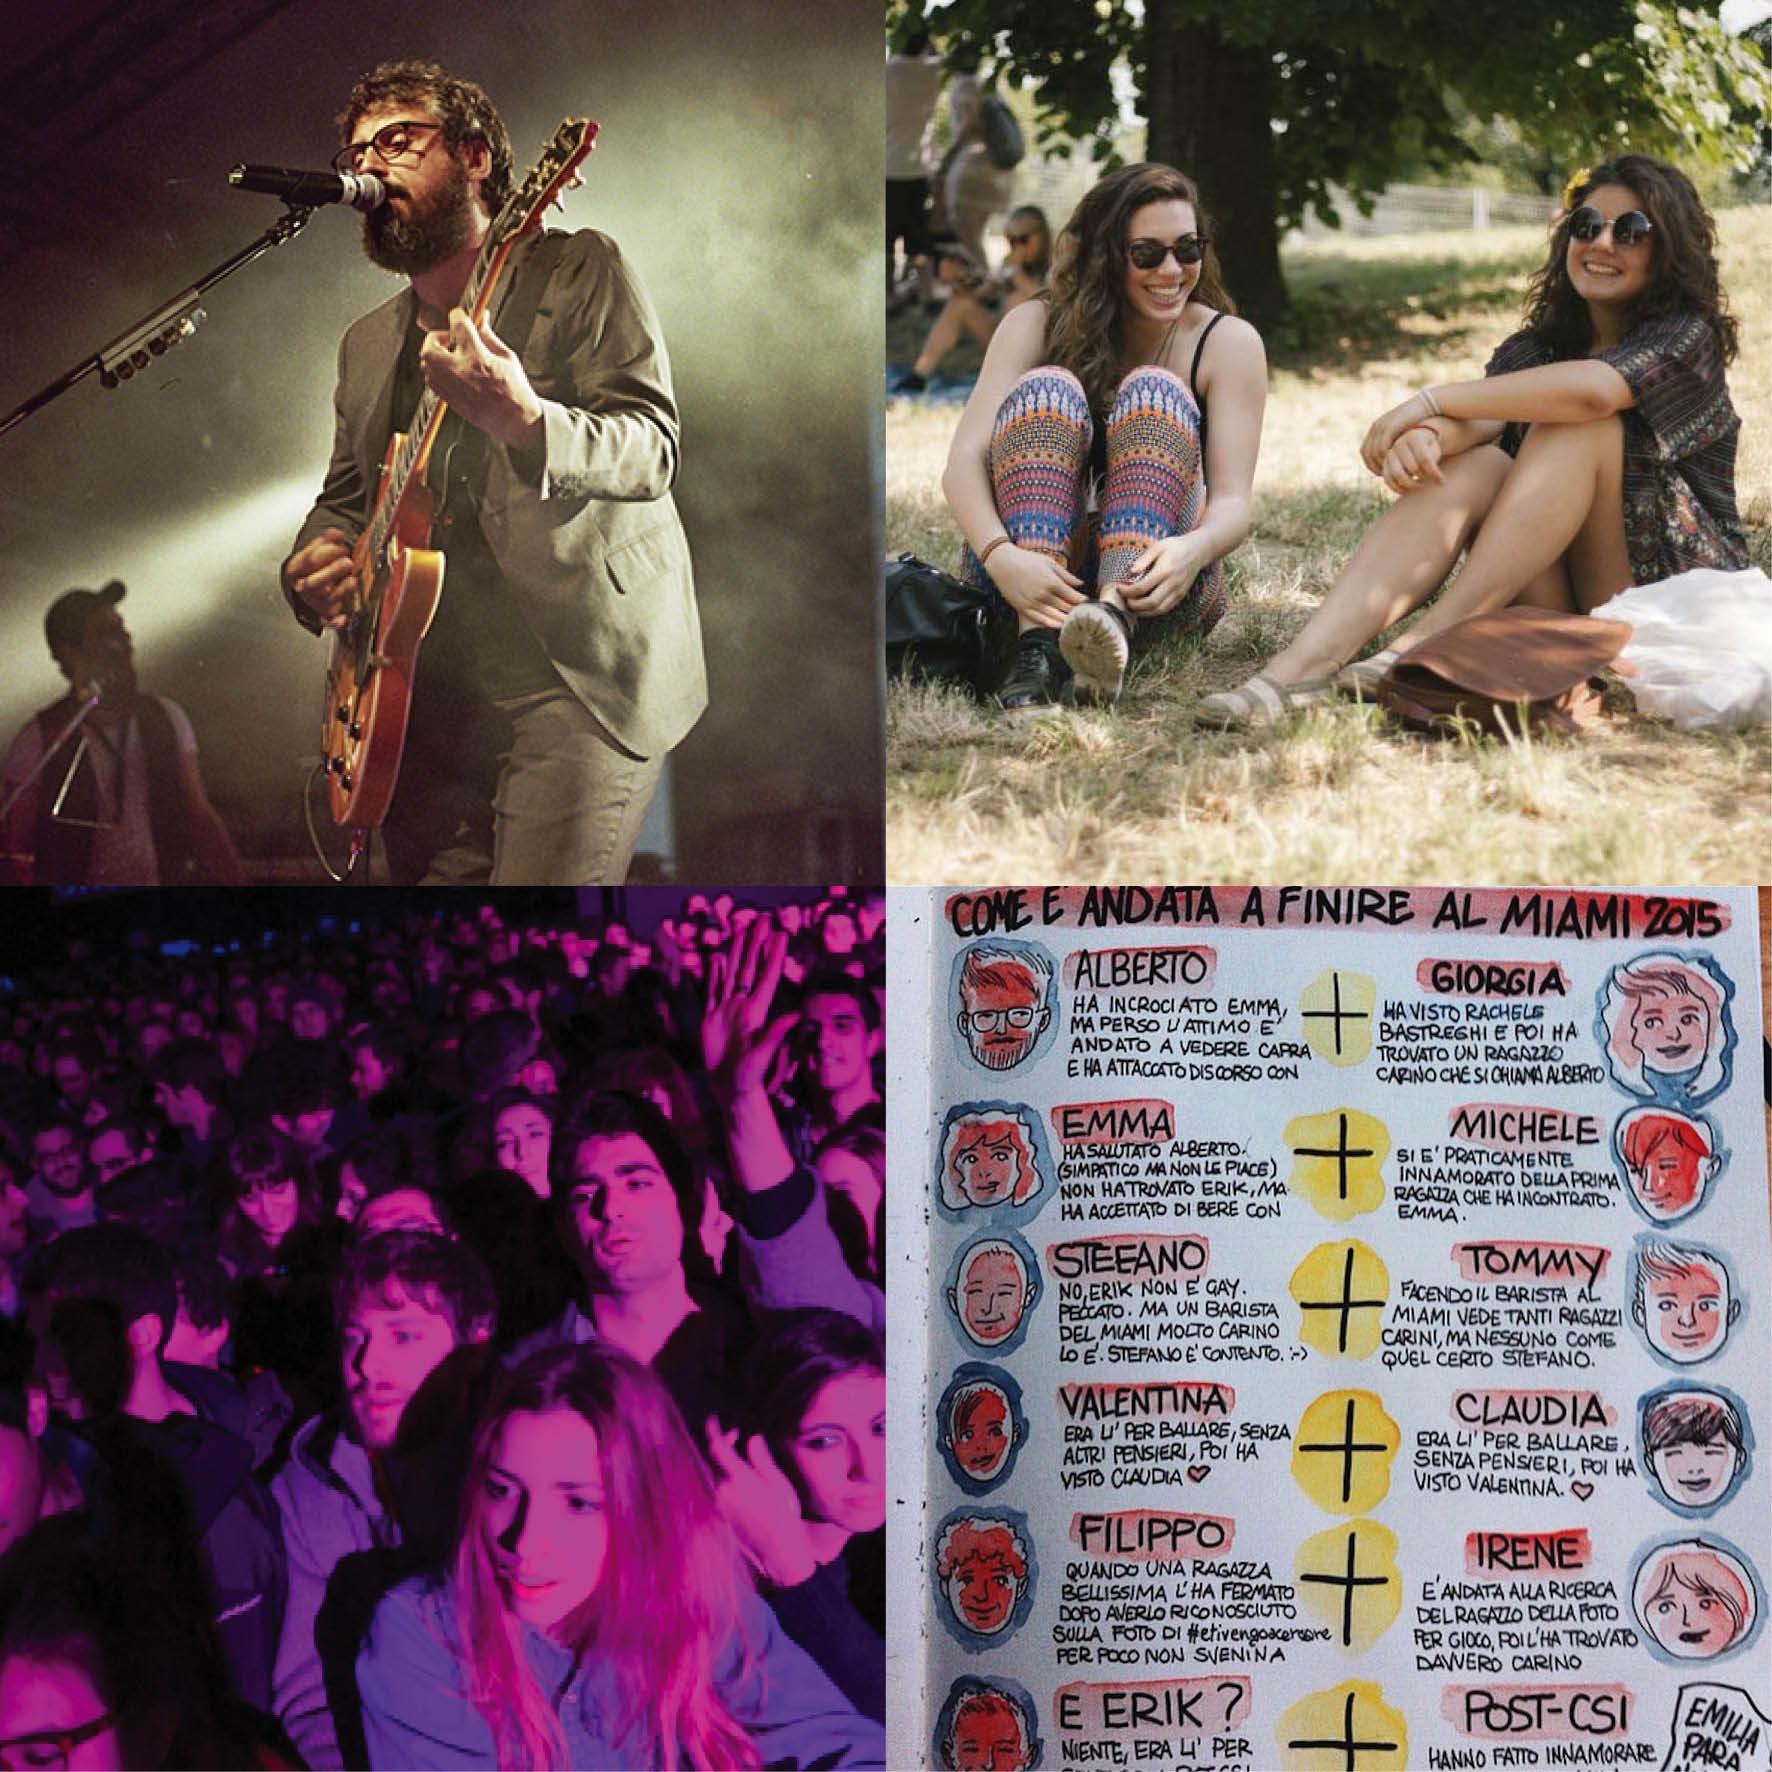 miami festival3 (1)